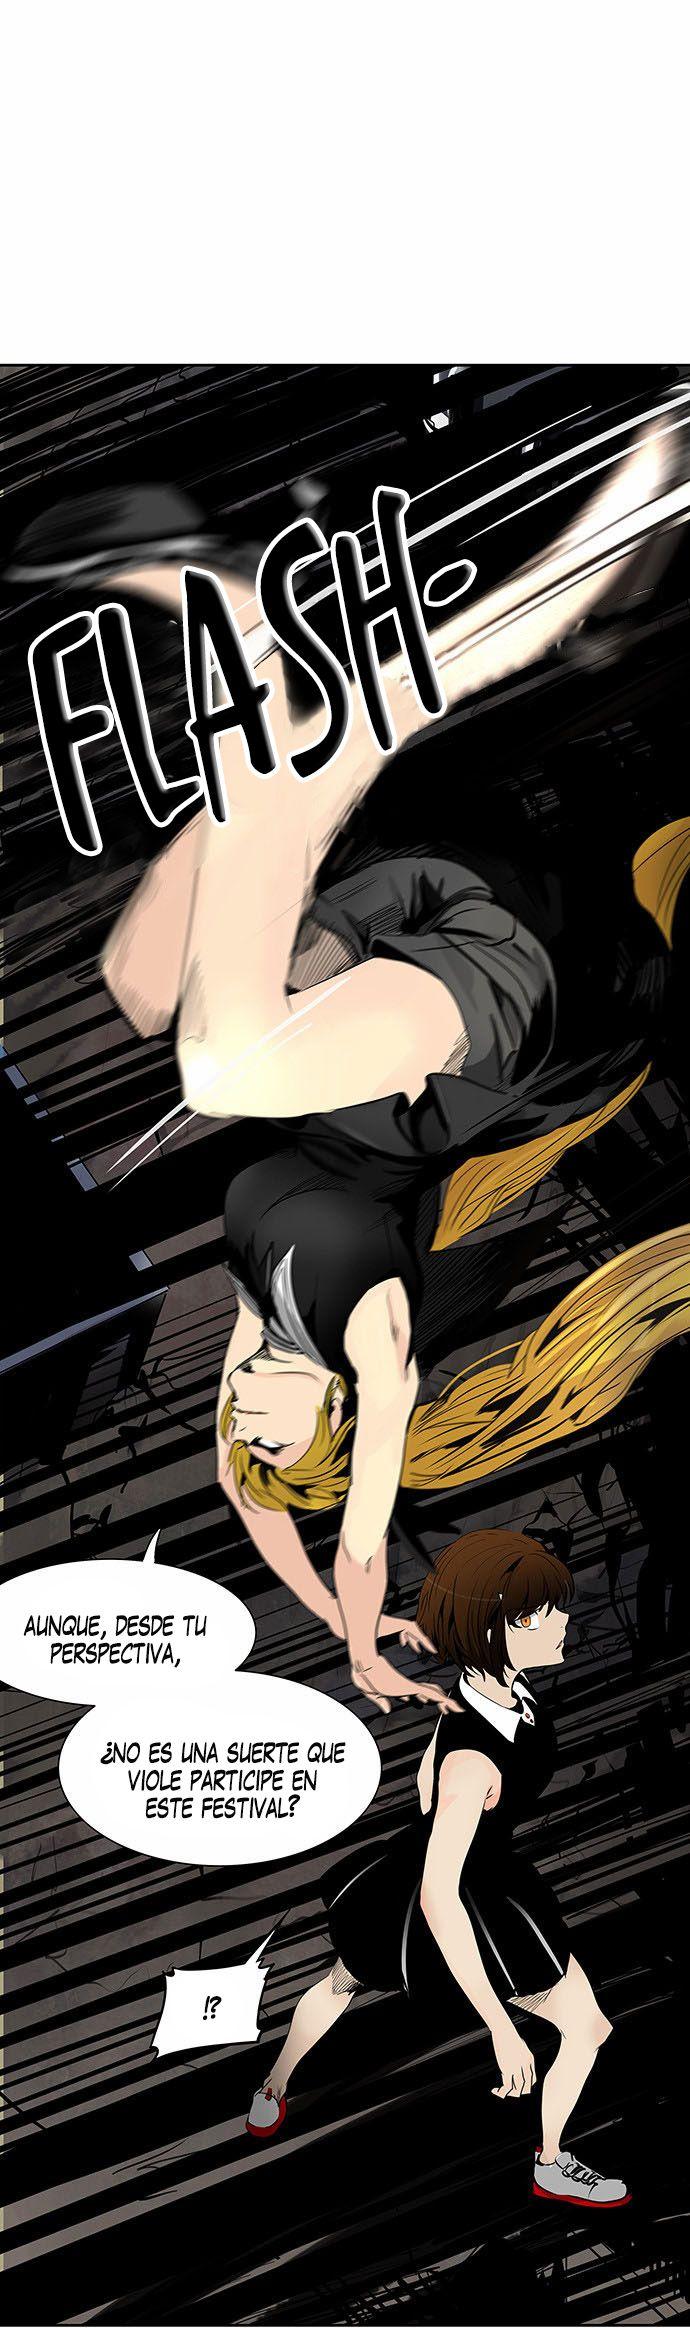 http://c5.ninemanga.com/es_manga/pic2/21/149/494254/0b890a8ca95e146ae3686e4bd3b8c9d2.jpg Page 51